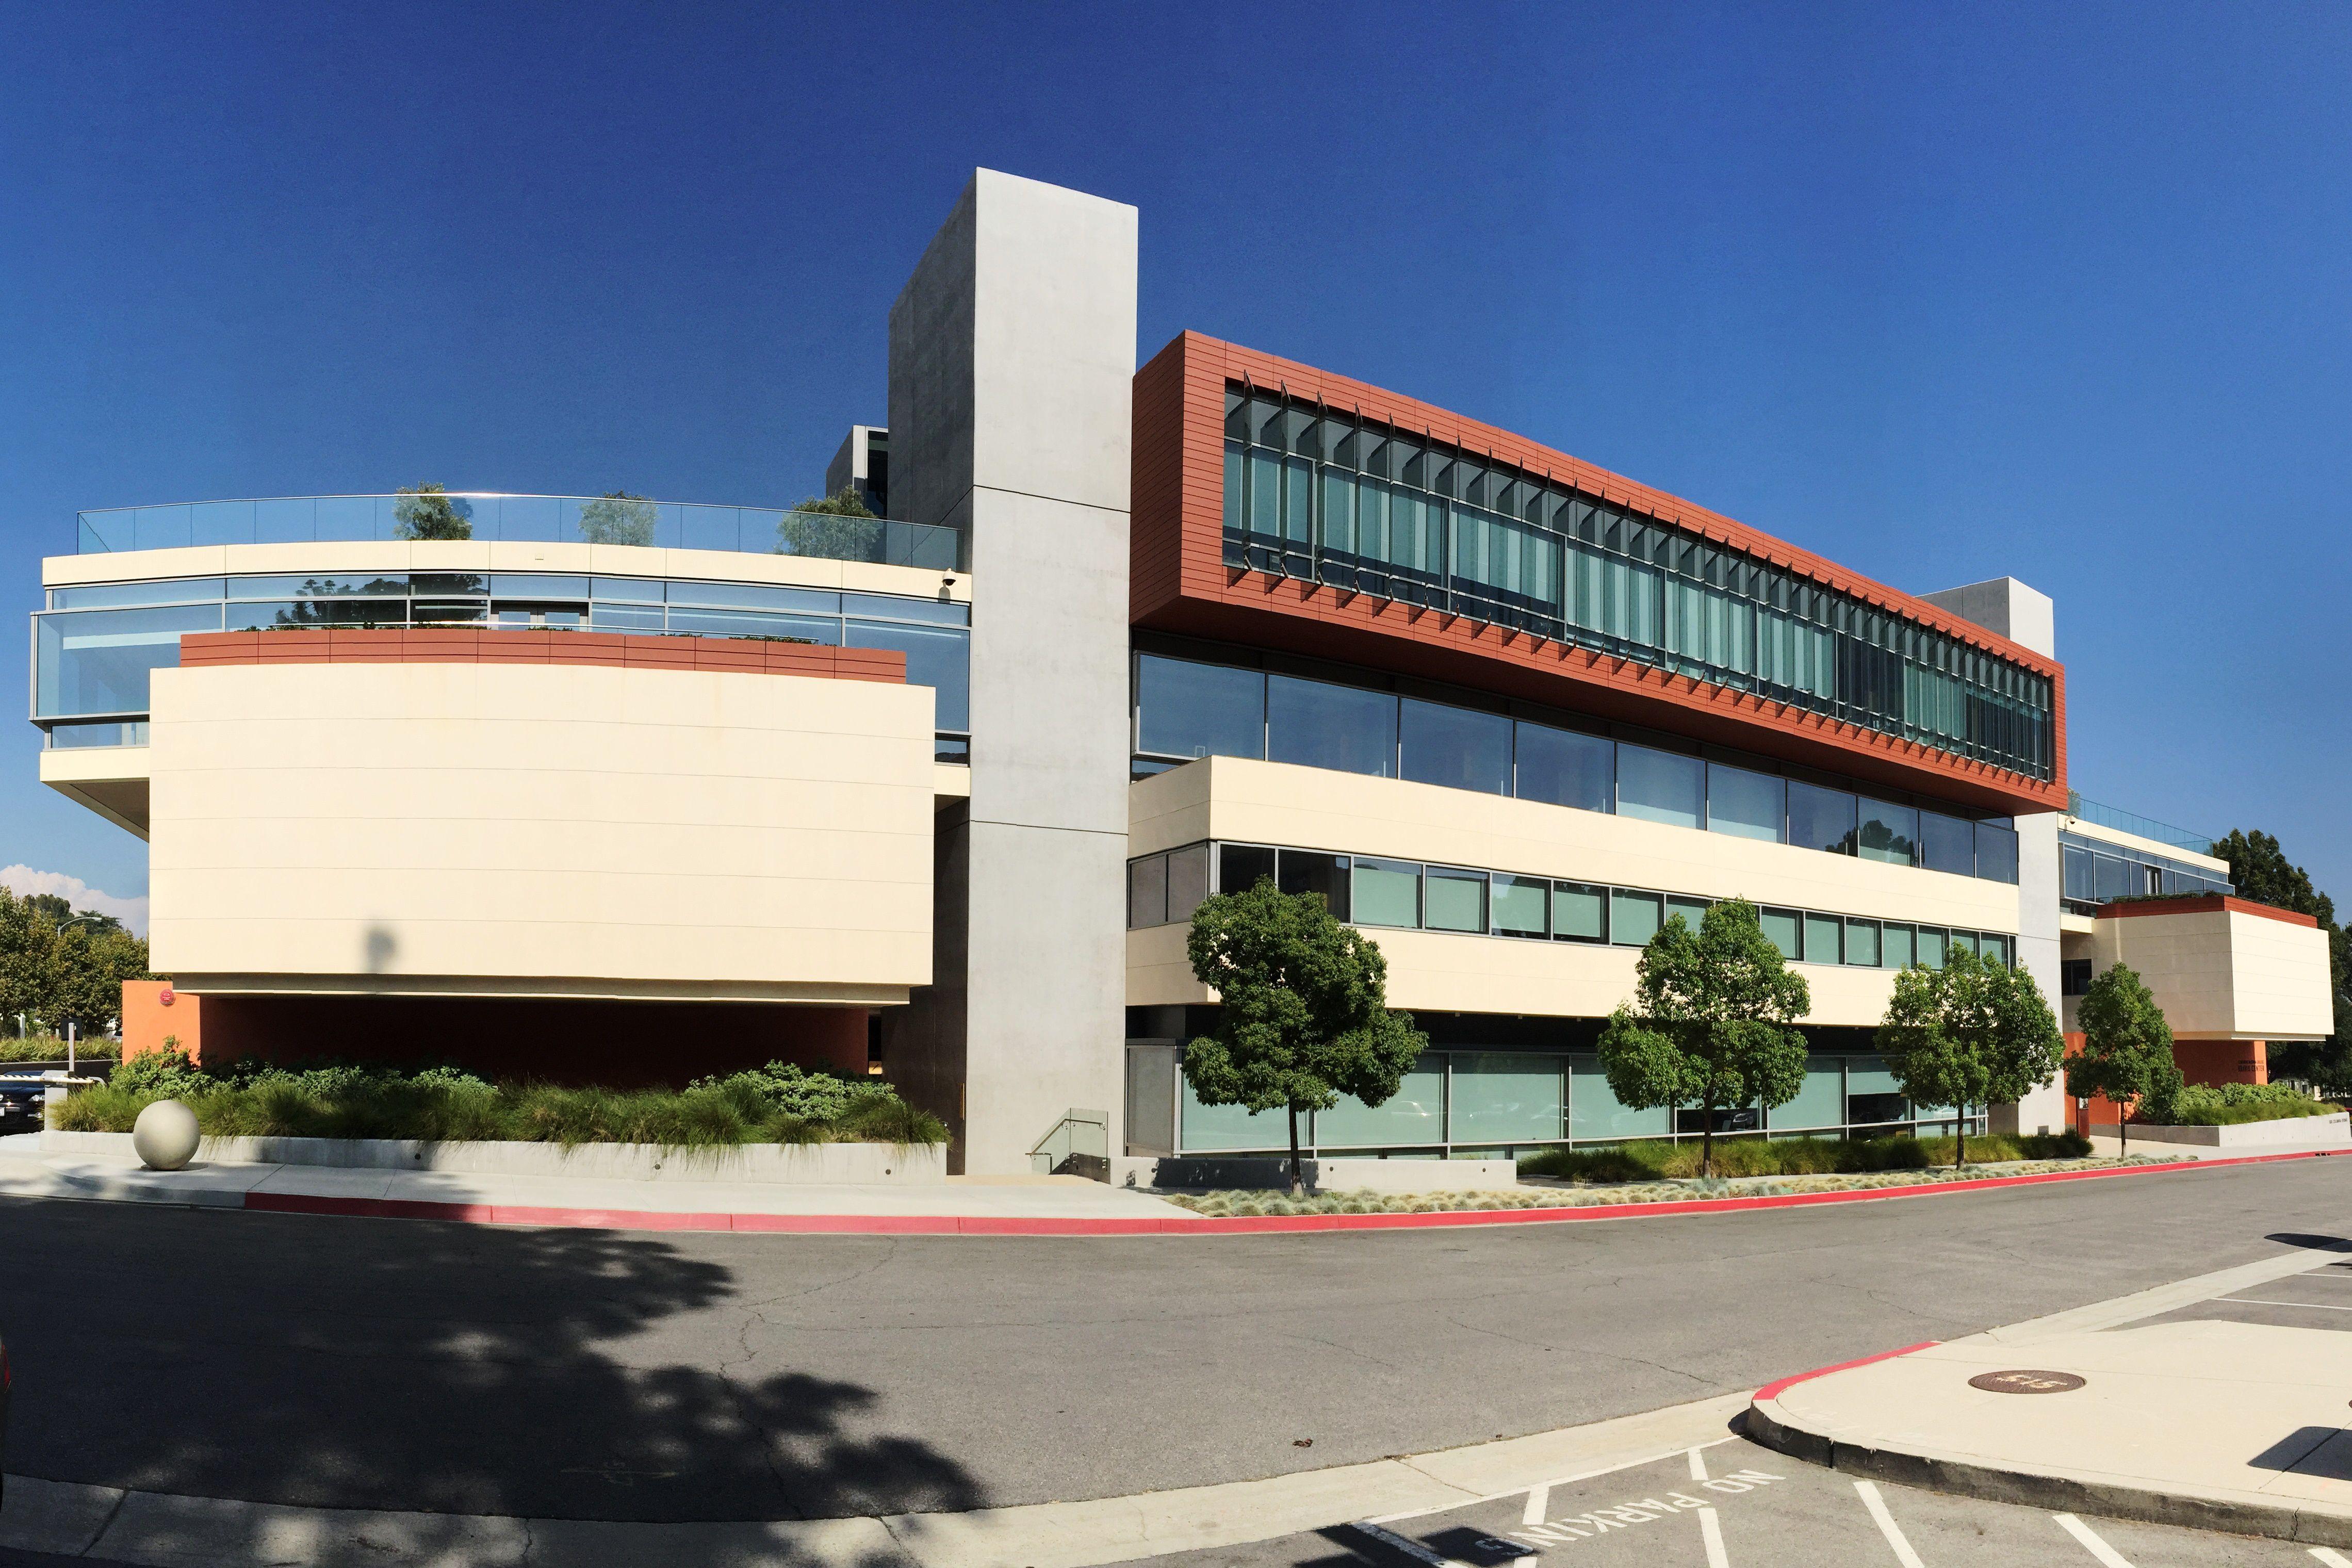 The Kravis Center at Claremont McKenna College